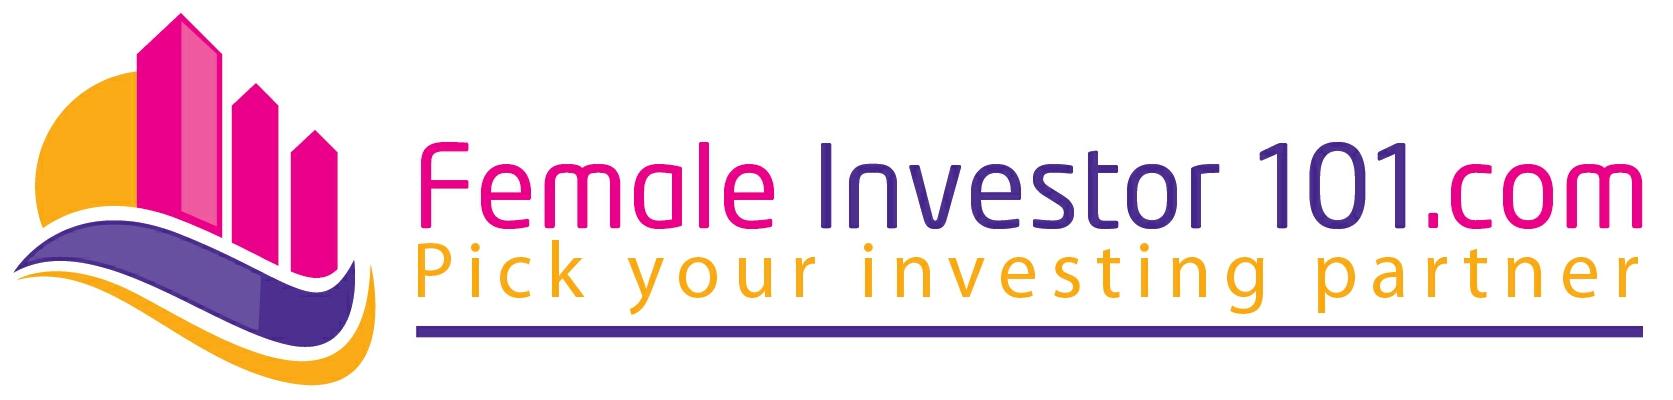 Female Investor 101